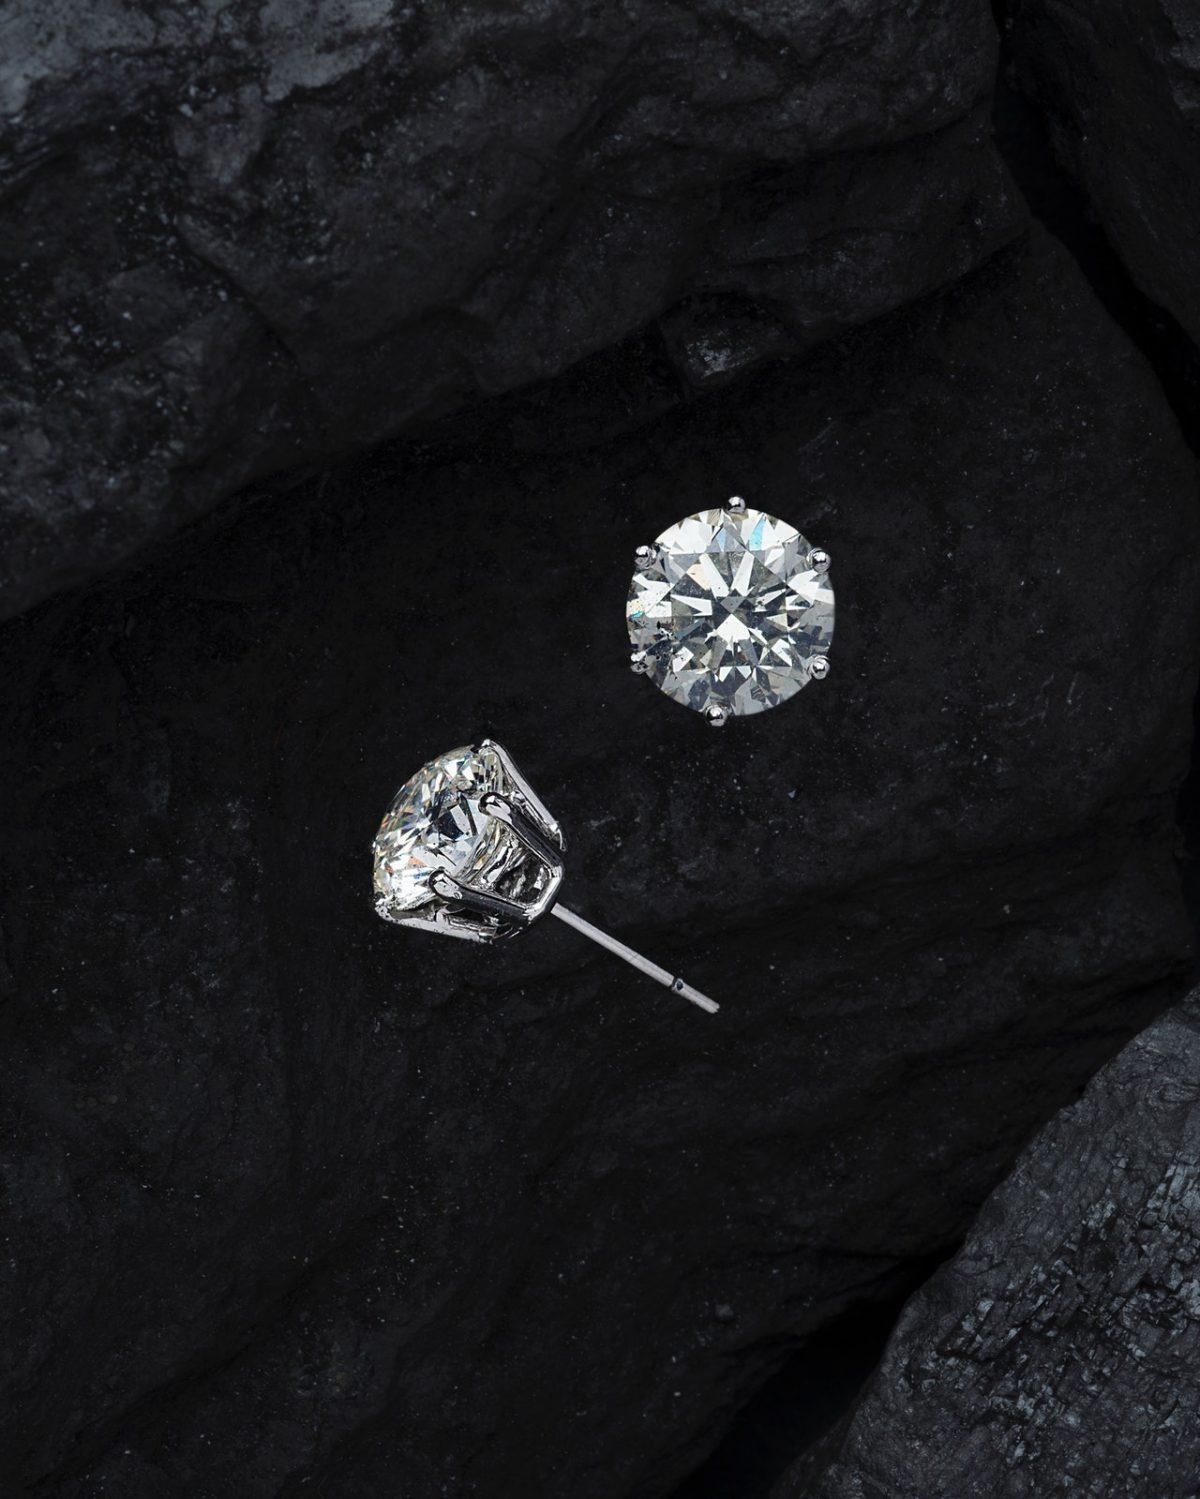 Close diamond photo